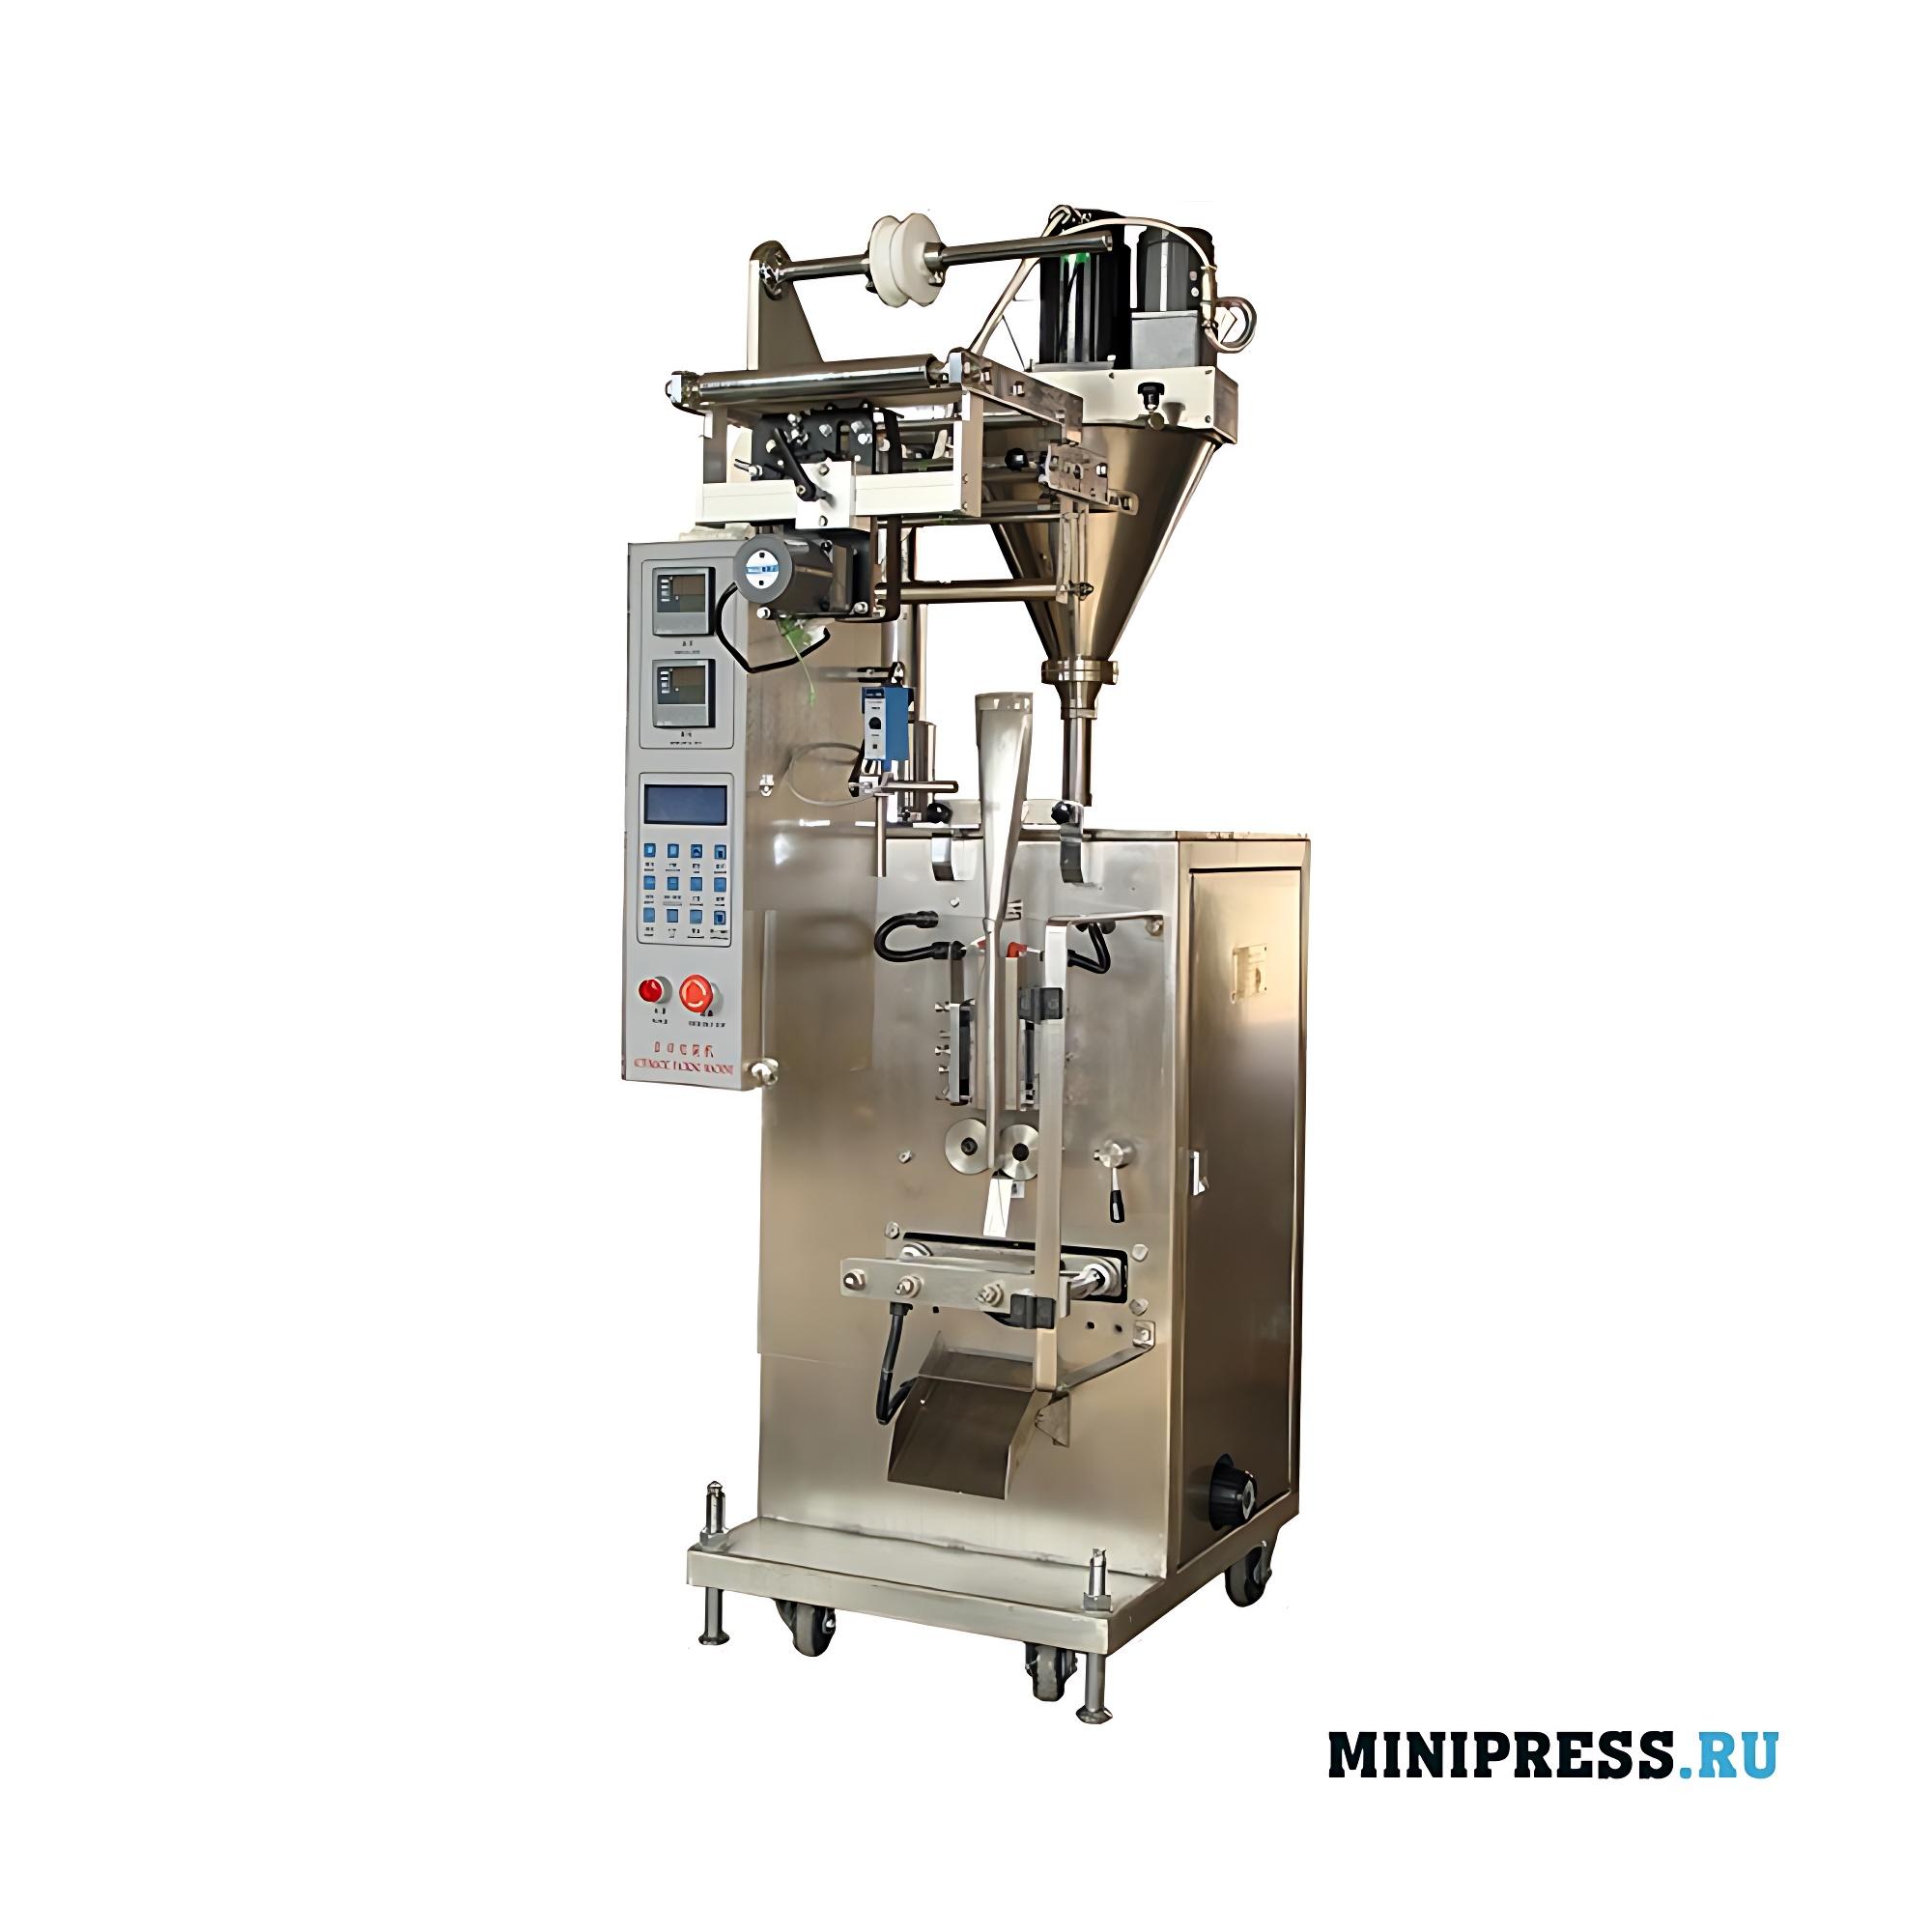 Оборудование для фасовки порошка в пакет типа